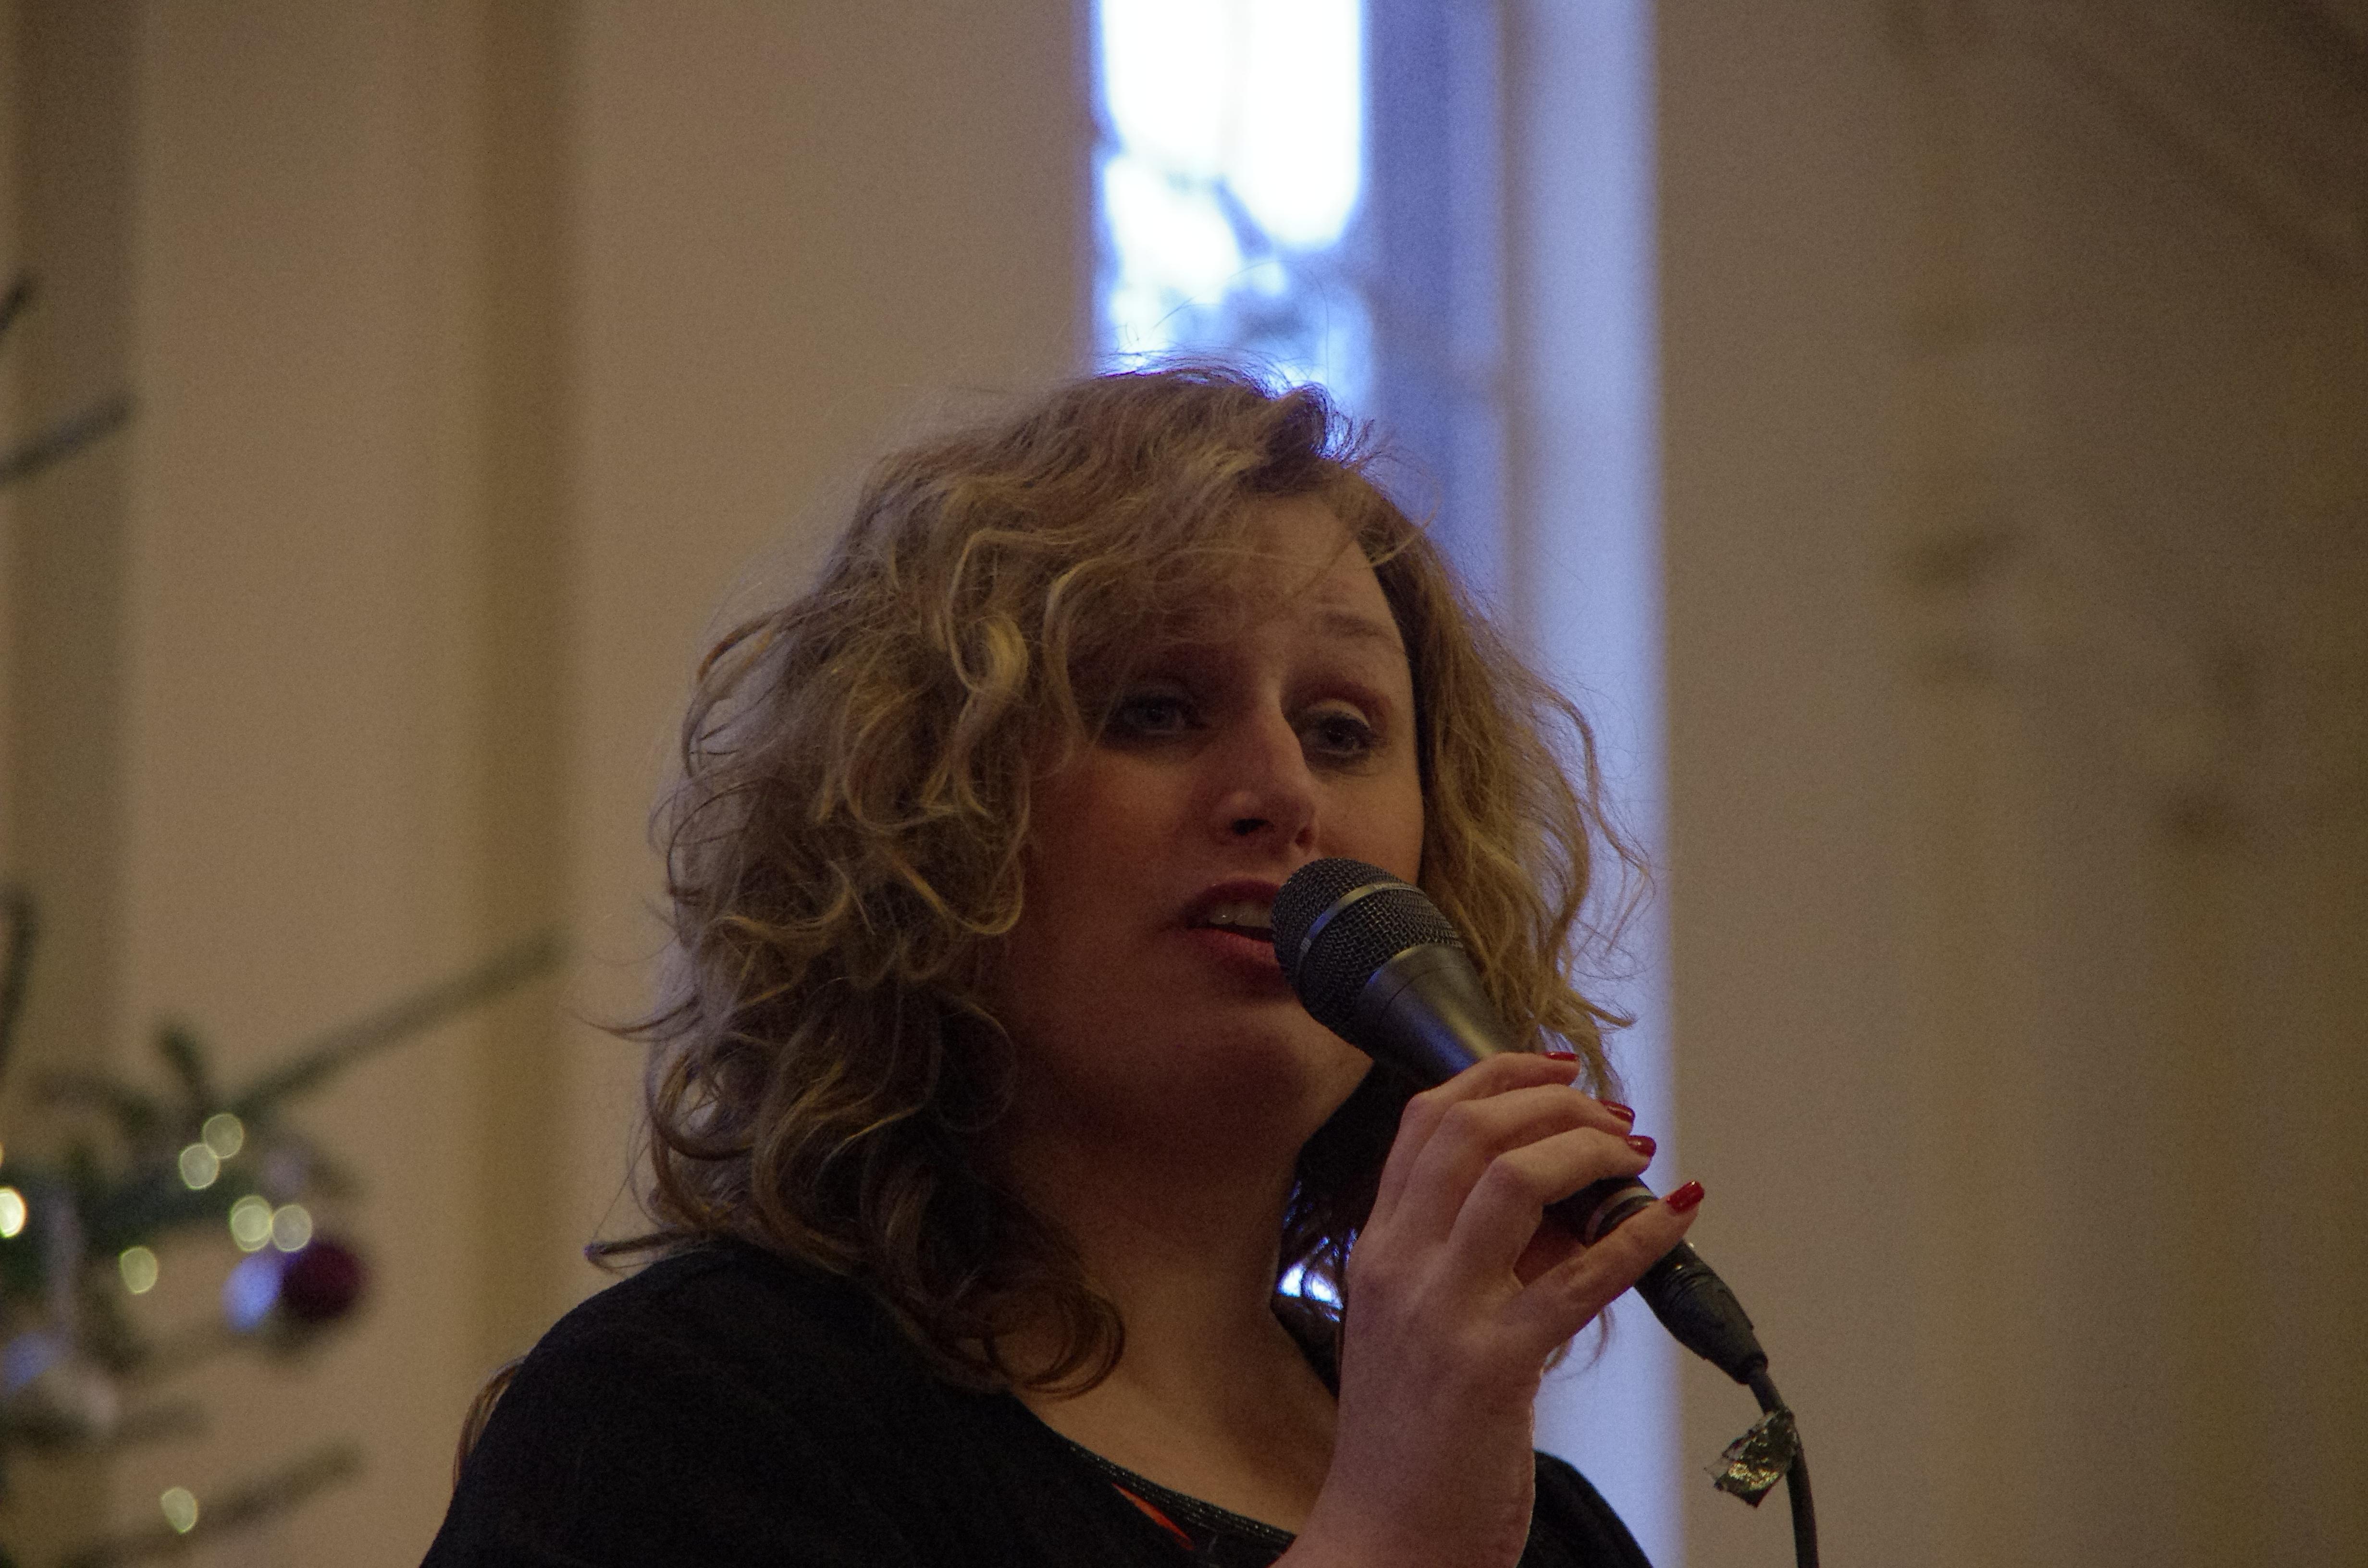 Elise Mannah